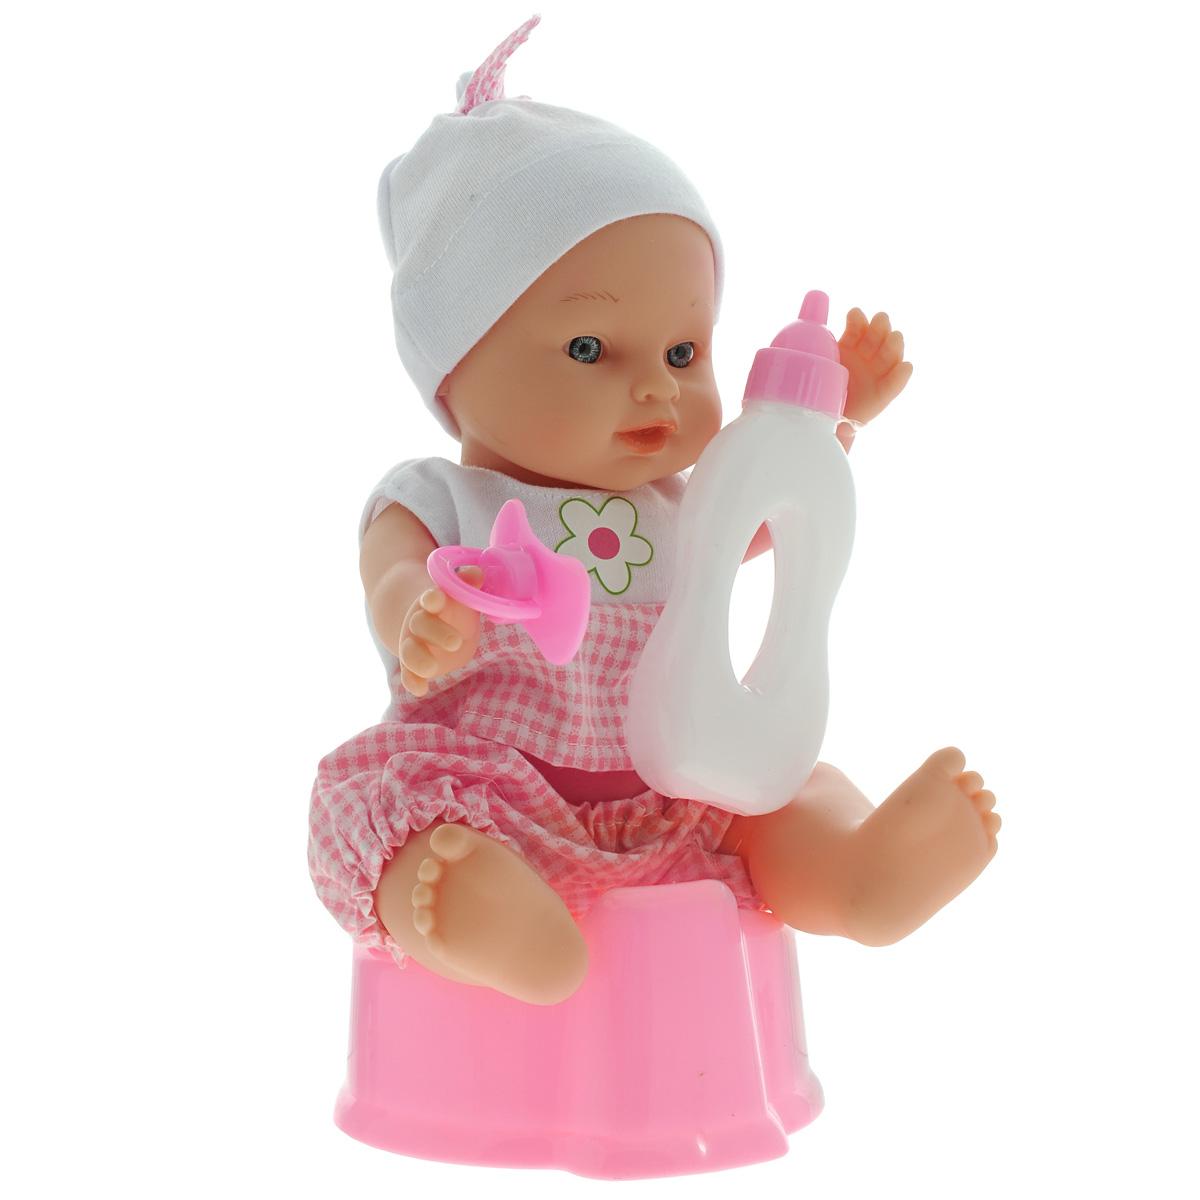 Mary Poppins Пупс с горшком451112Пупс Mary Poppins, одетый в симпатичный комбинезон и шапочку, порадует вашу малышку и доставит ей много удовольствия от часов, посвященных игре с ним. Этот пупс требует к себе особого внимания и любит, когда о нем заботятся. Кроху легко приучить к горшку - достаточно напоить пупса из бутылочки, а затем посадить на розовый горшок. В комплект входят пупс, бутылочка, горшок и соска. Пупс с аксессуарами упакован в удобный прозрачный рюкзачок, который можно взять с собой на прогулку или в поездку. Игра с пупсом Mary Poppins разовьет в вашей малышке фантазию и любознательность, научит сюжетно-ролевым играм, воспитает чувство ответственности и заботы. Порадуйте свою малышку таким великолепным подарком! УВАЖАЕМЫЕ КЛИЕНТЫ! Обращаем ваше внимание на возможные изменения в дизайне пупса. Поставка осуществляется в зависимости от наличия на складе.